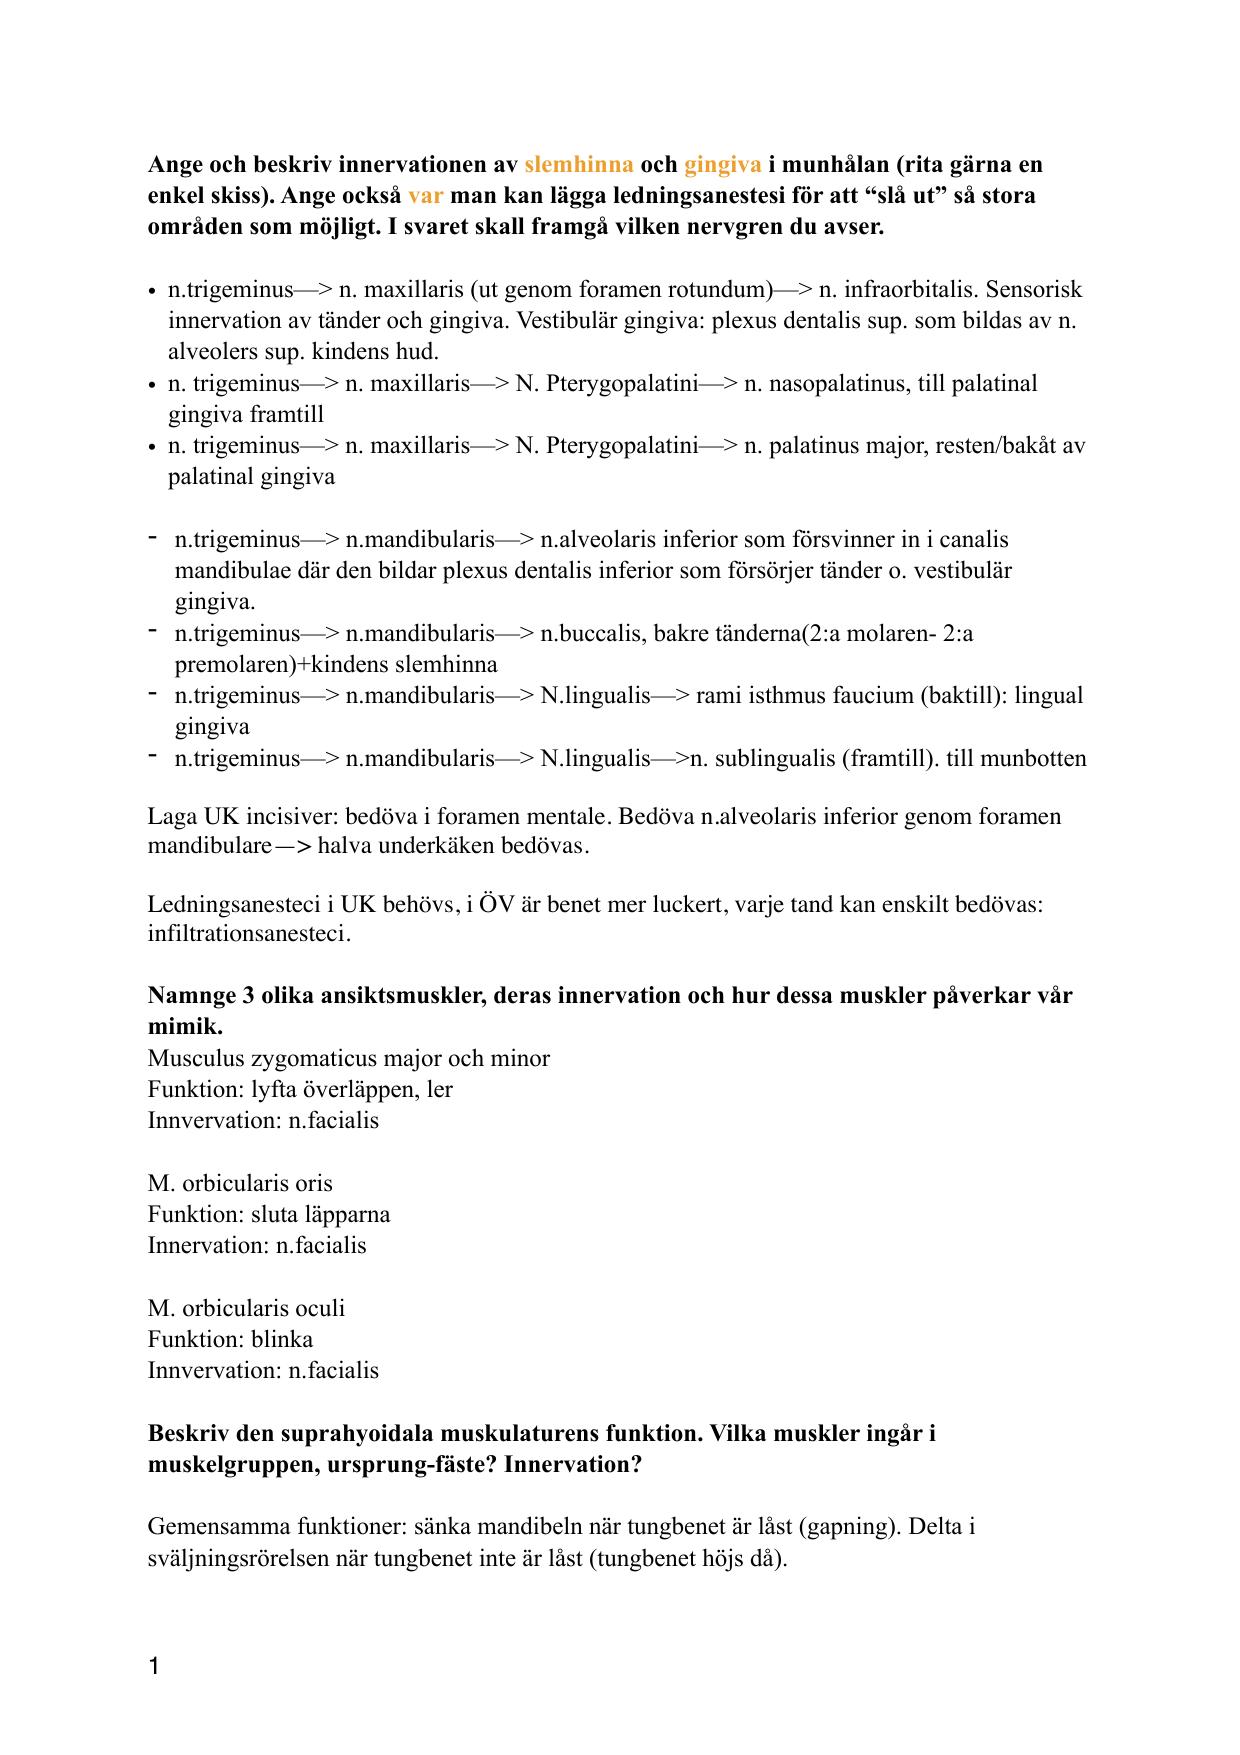 Atemberaubend Orbicularis Oris Funktion Galerie - Menschliche ...